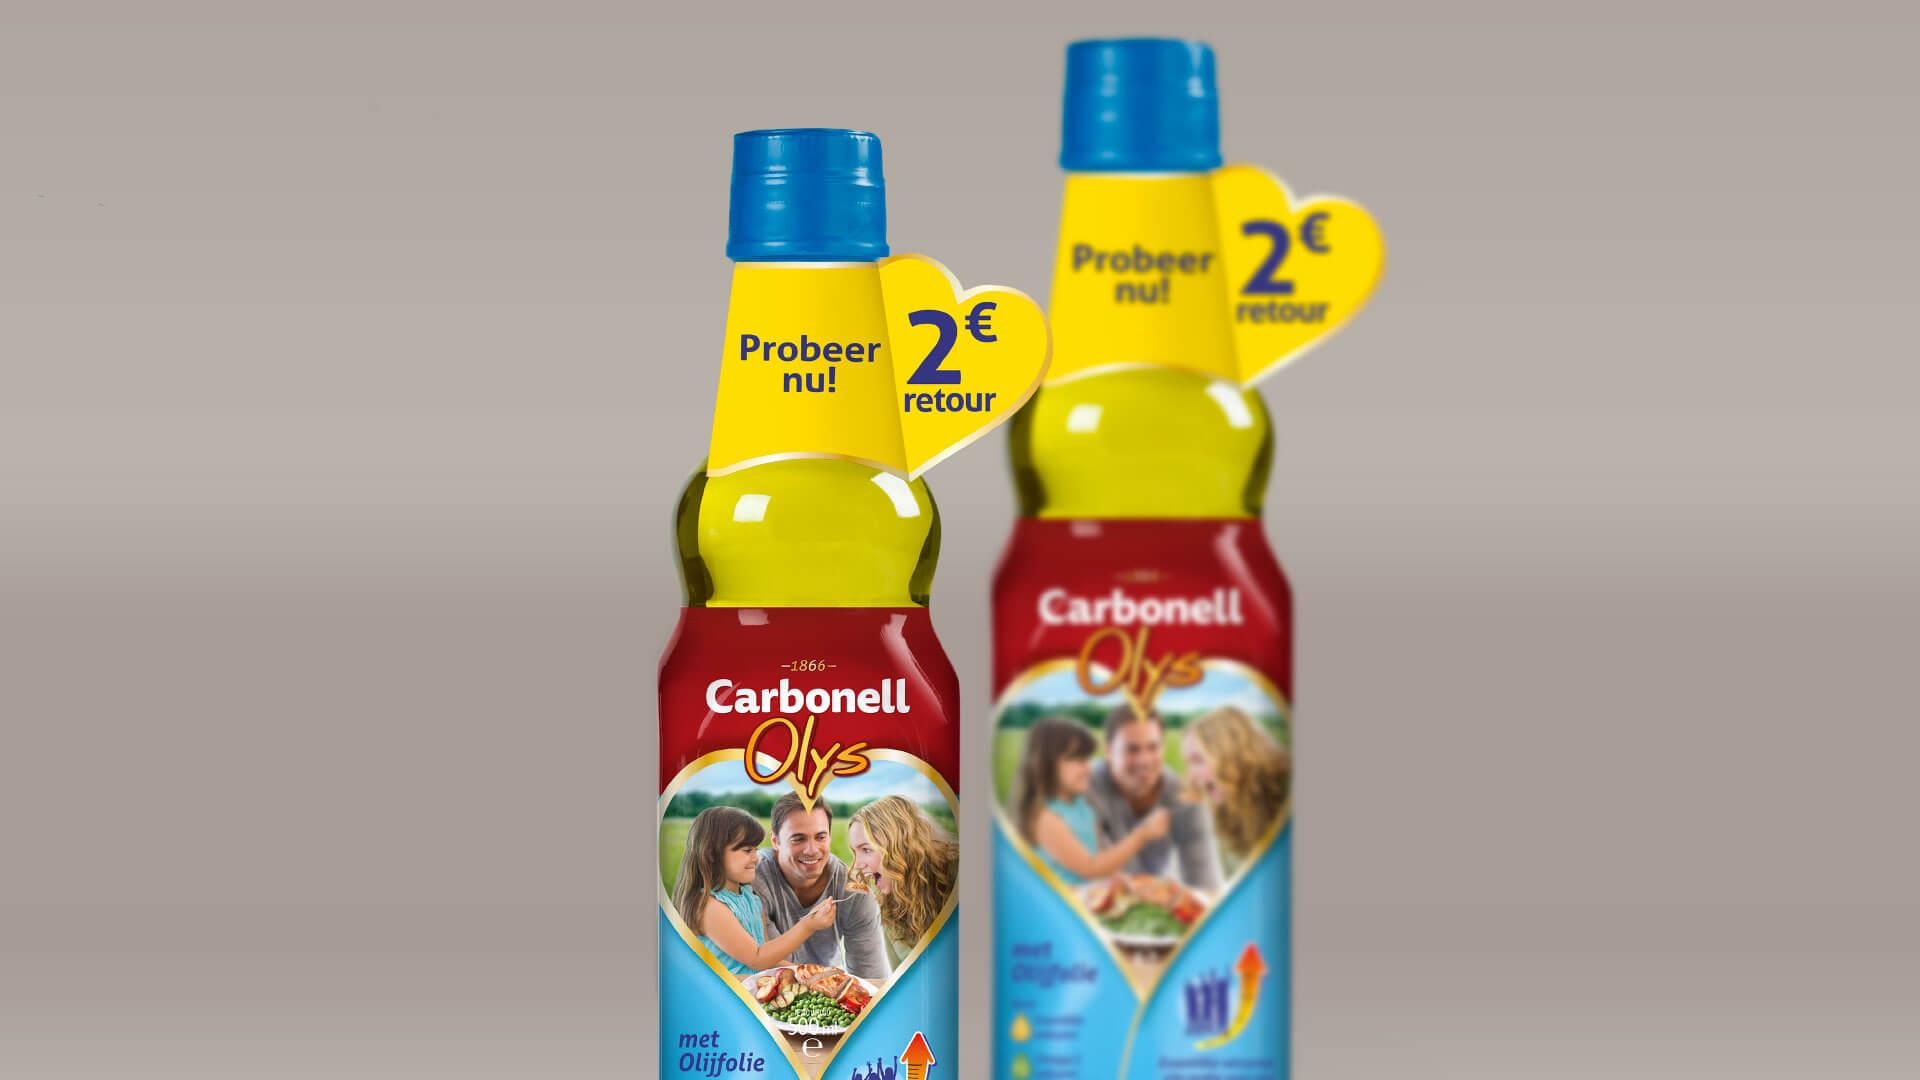 Carbonell Olys Flessen - Probeer nu